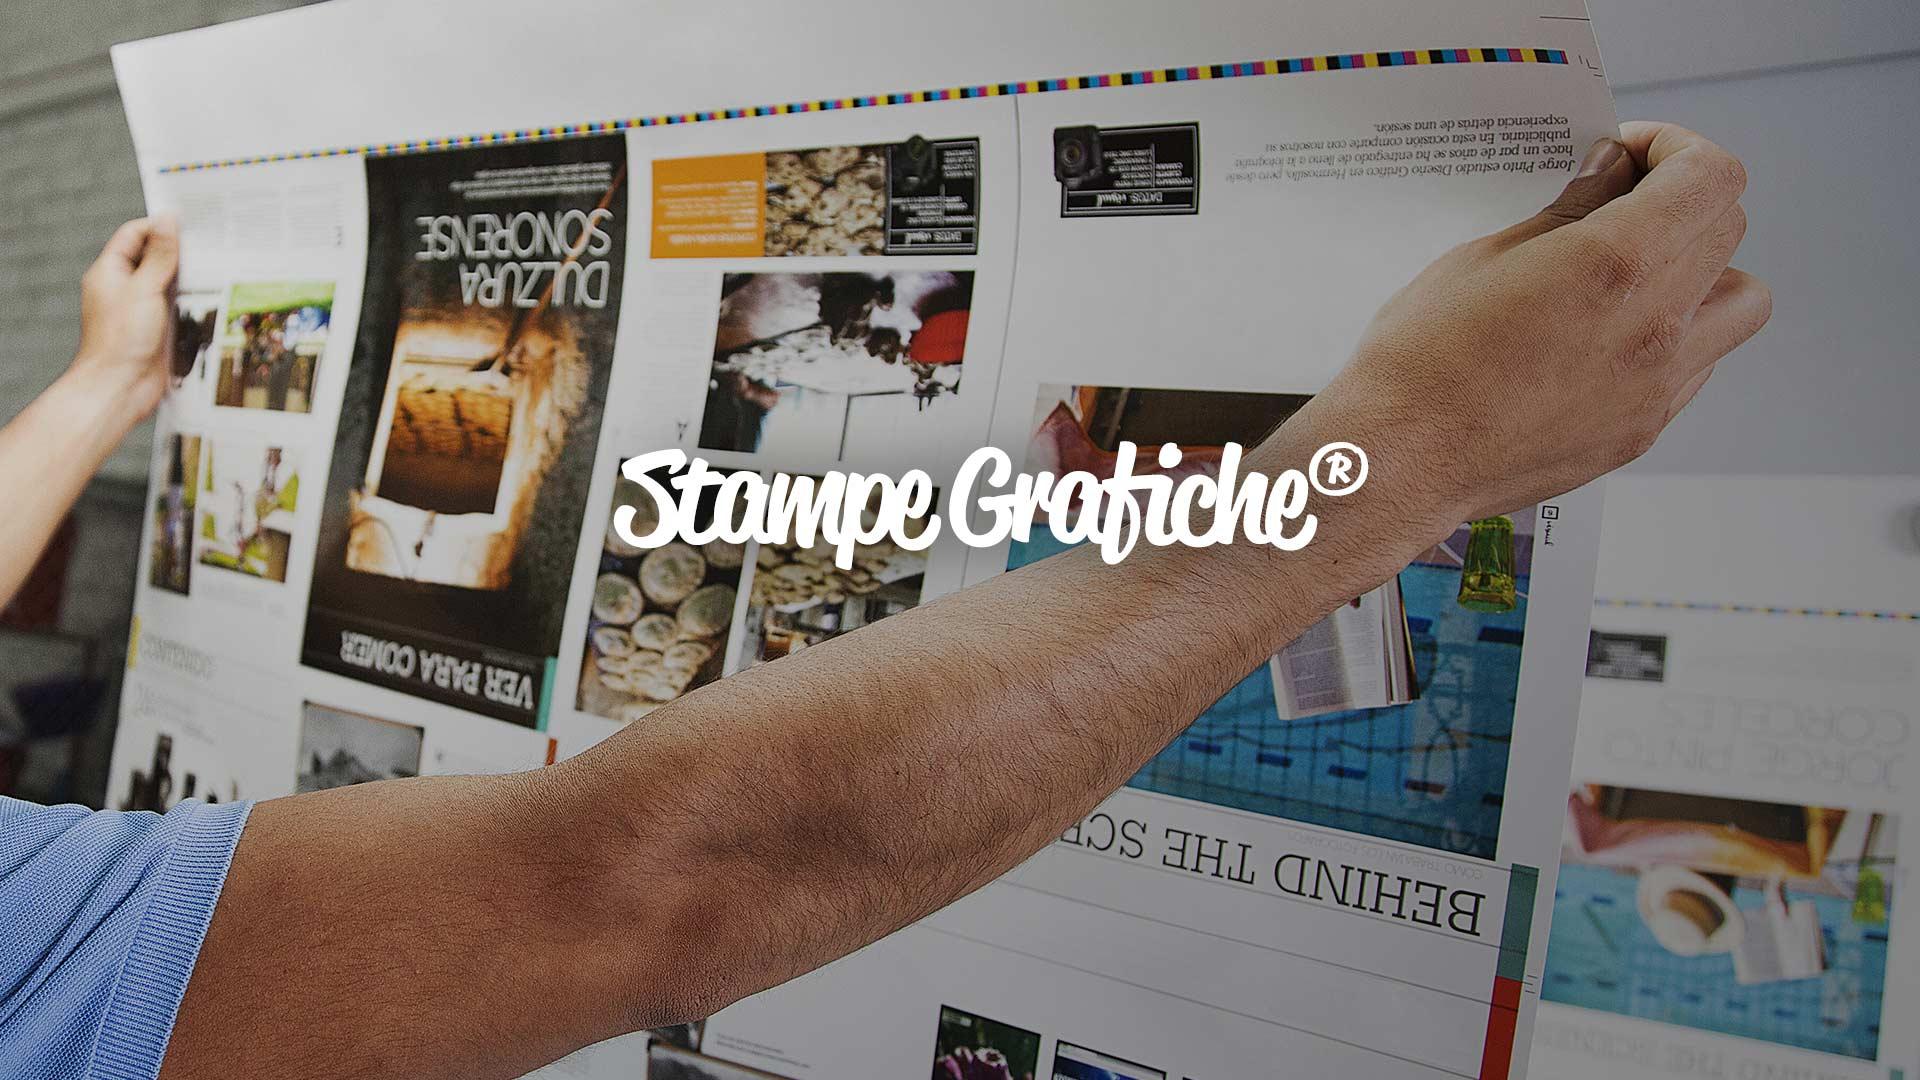 Stampa Digitale Cologno Monzese - Stampe Grafiche®